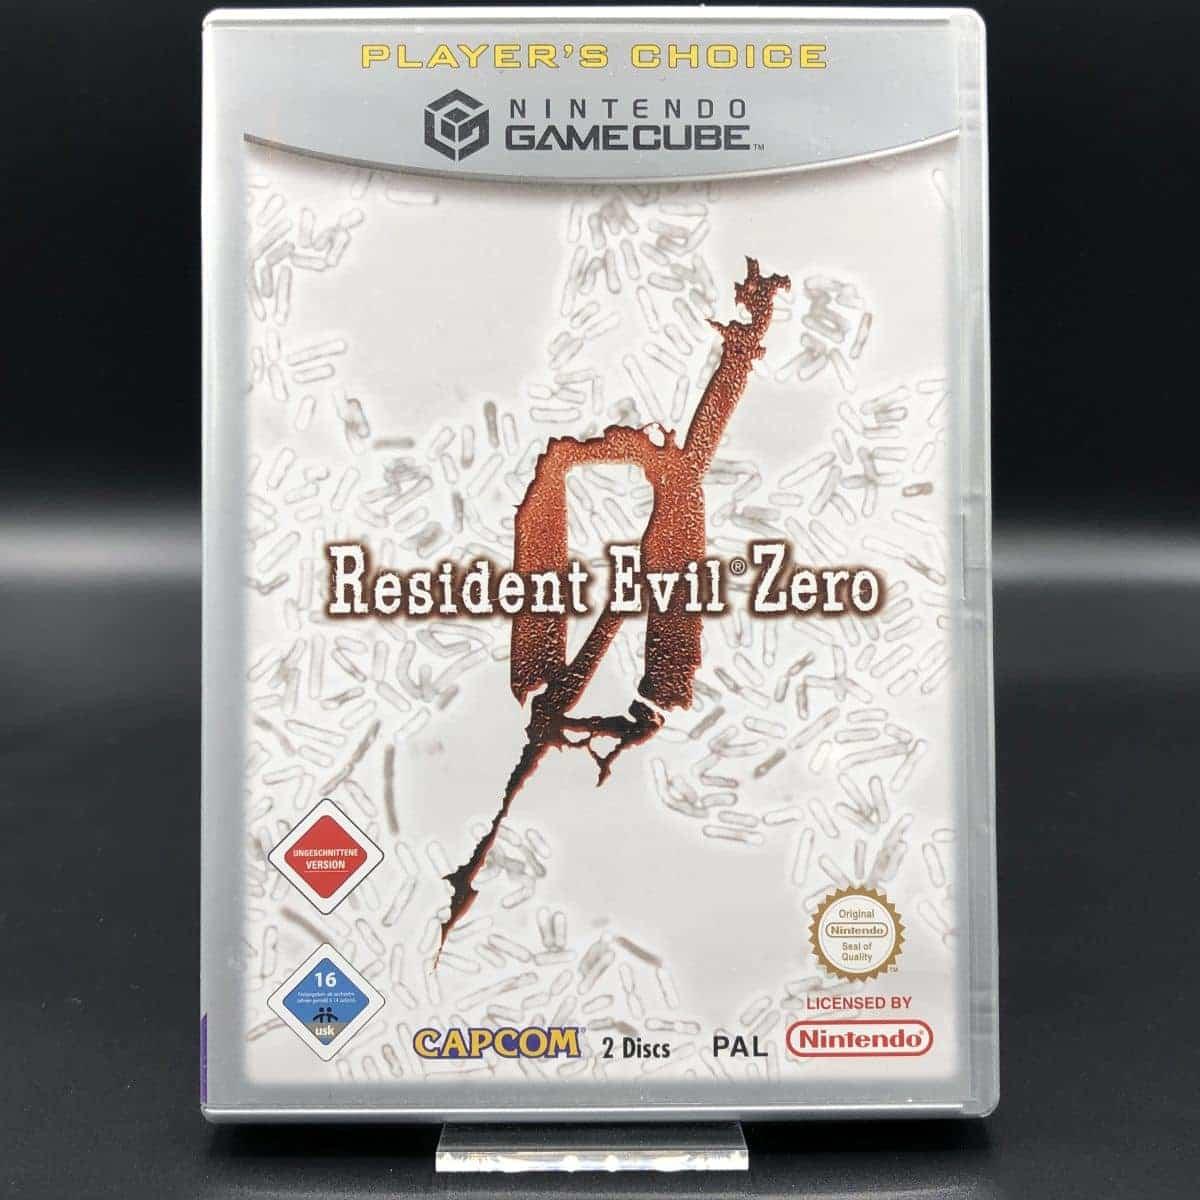 GC Resident Evil Zero (Player's Choice) (Komplett) (Sehr gut) Nintendo GameCube (FSK18)